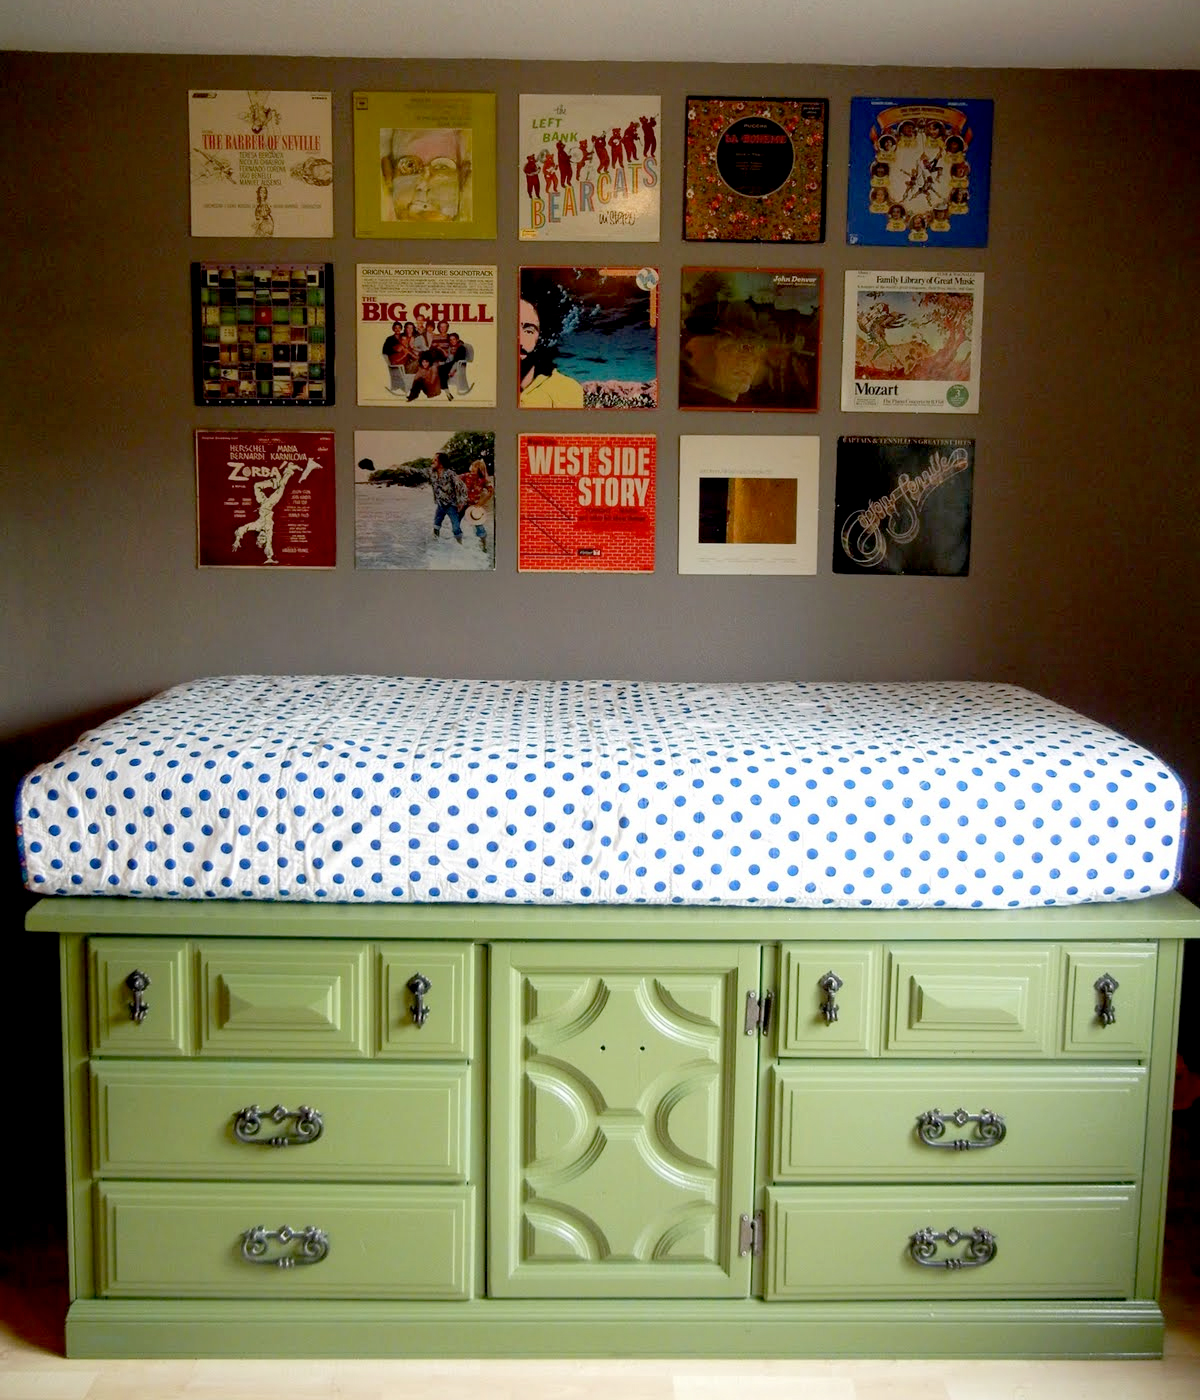 Оригинальный способ заменить простую тумбу в качестве кровати